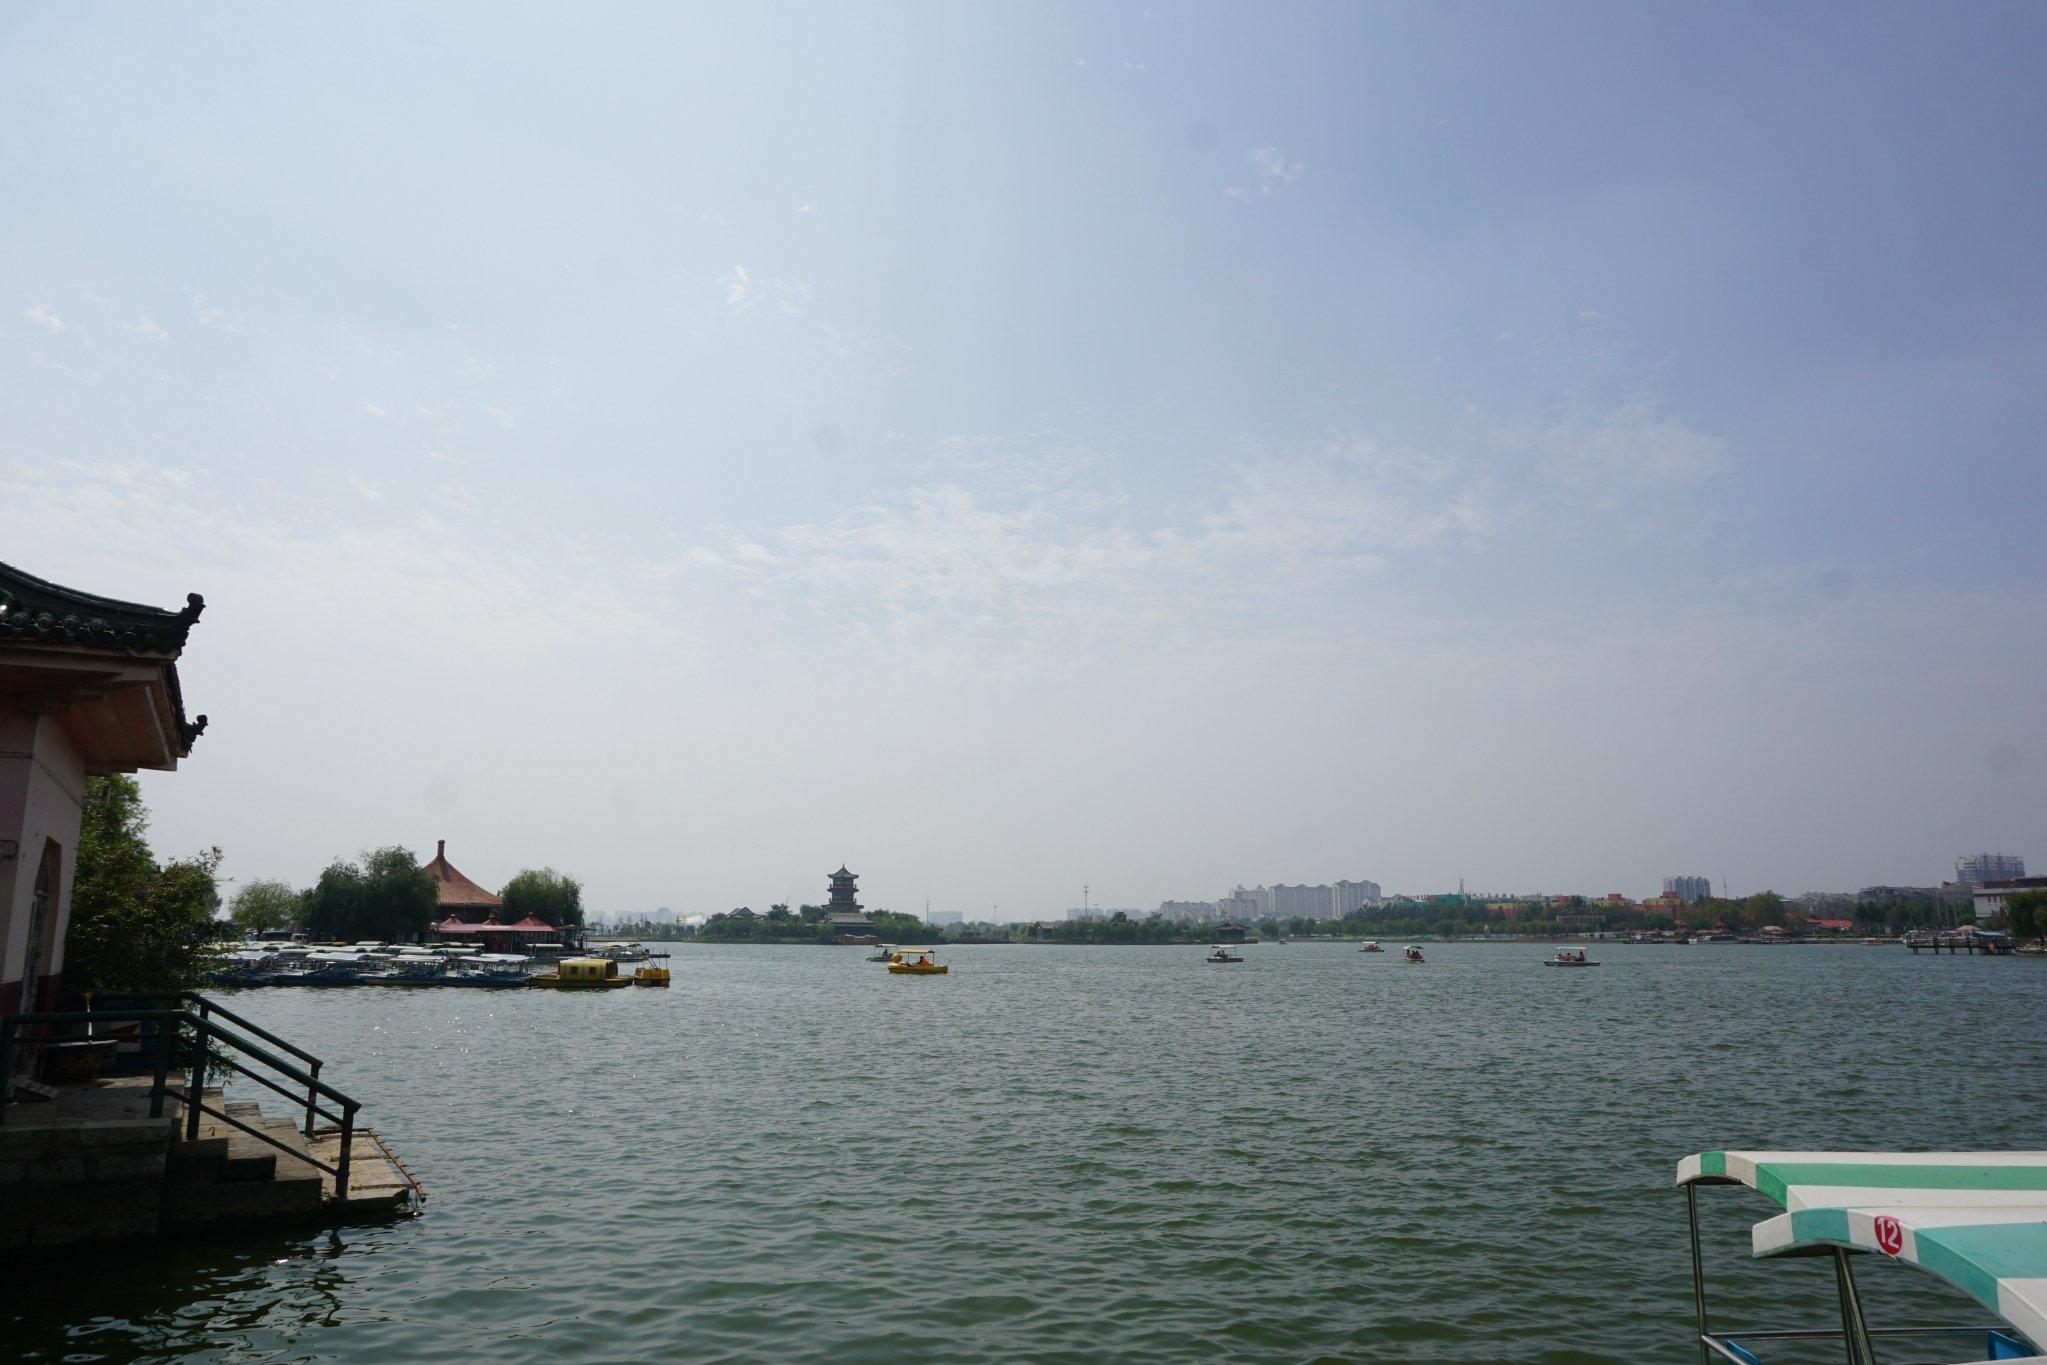 领略江北水城古韵—聊城一日游遍市内景点